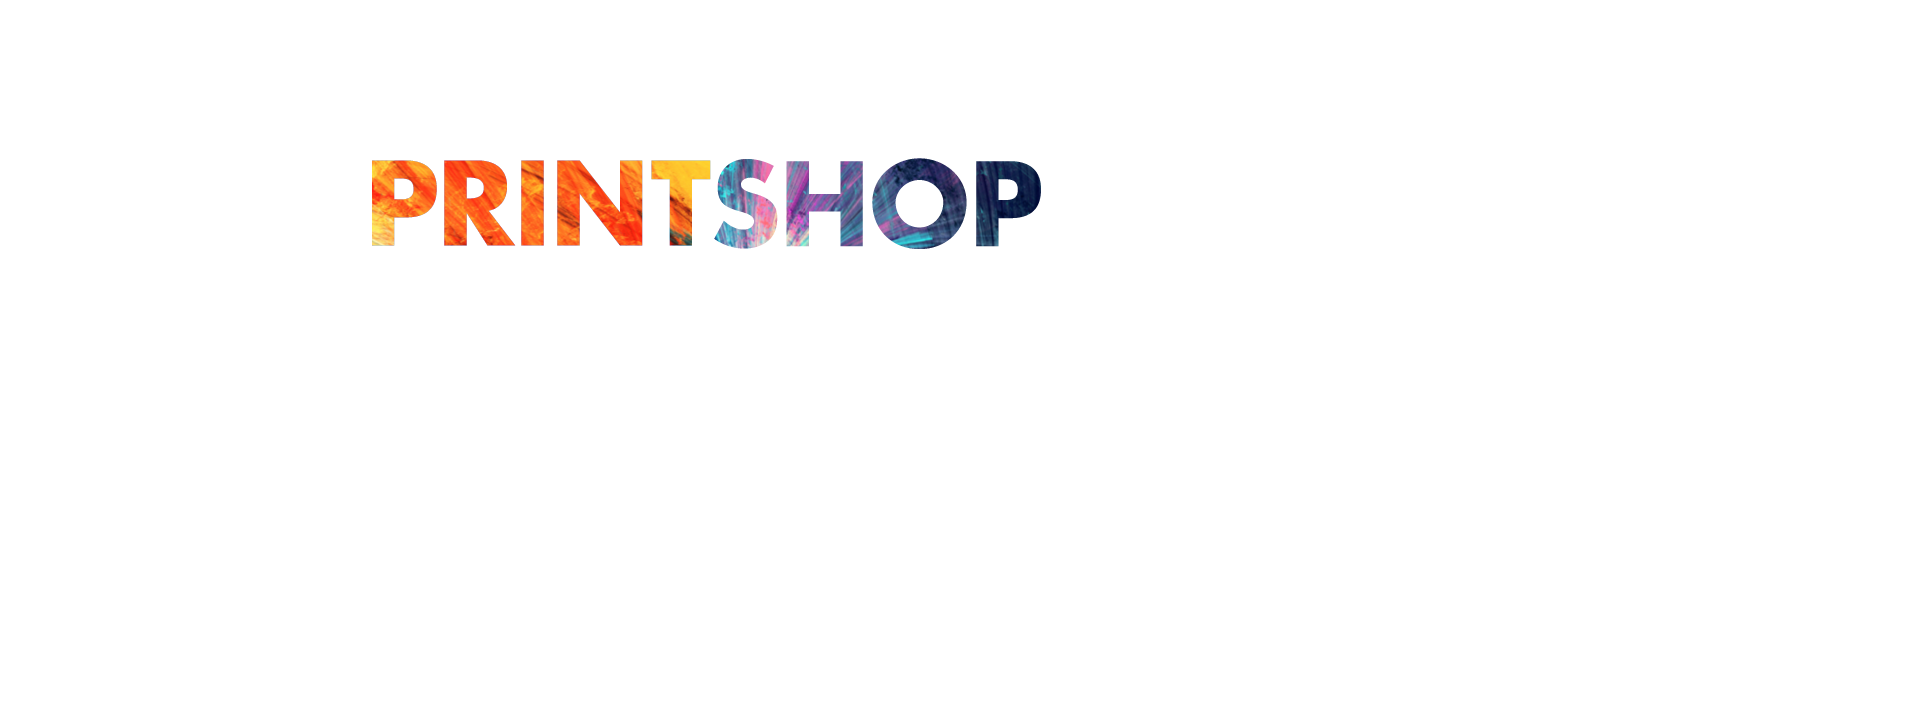 PrintShop by Chacos